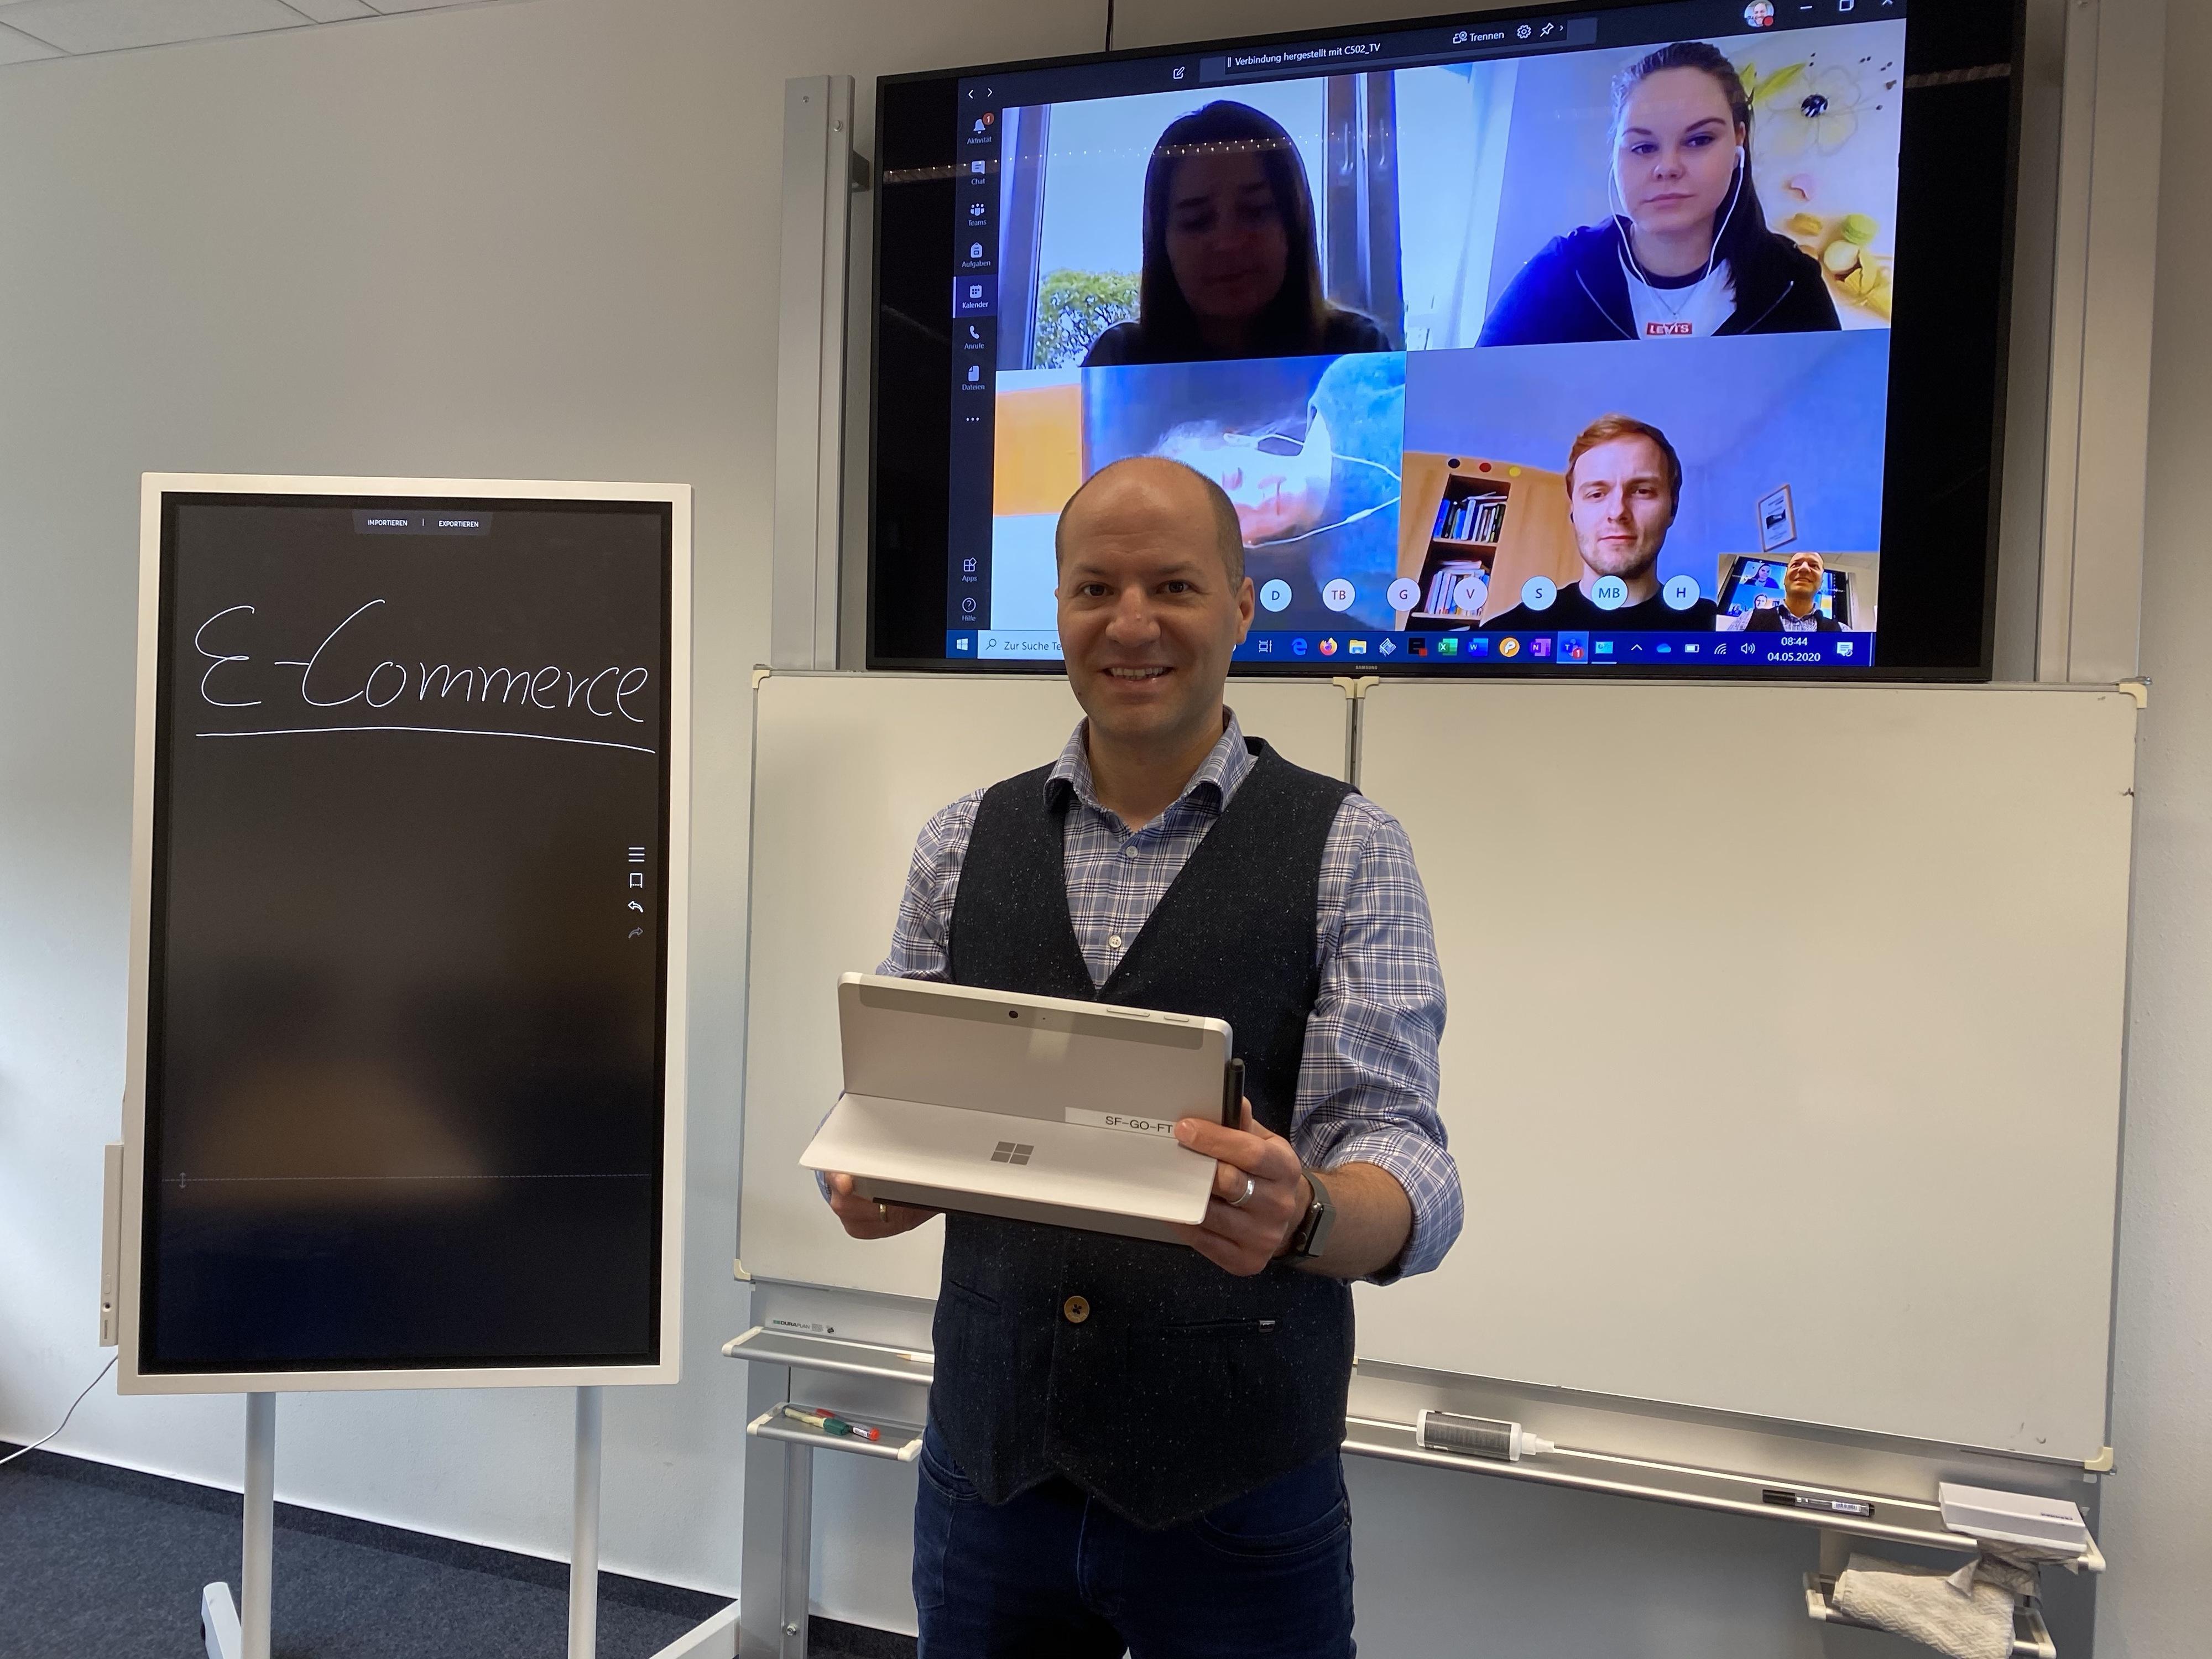 Ein Beruf für die digitalen Geschäftsfelder: Thomas Fischer-Südkamp, Bildungsgangsleiter E-Commerce an den Handelslehranstalten Lohne, während einer Videokonferenz mit den Auszubildenden im eigens für dieses Angebot eingerichteten Raum. Foto: Sieve